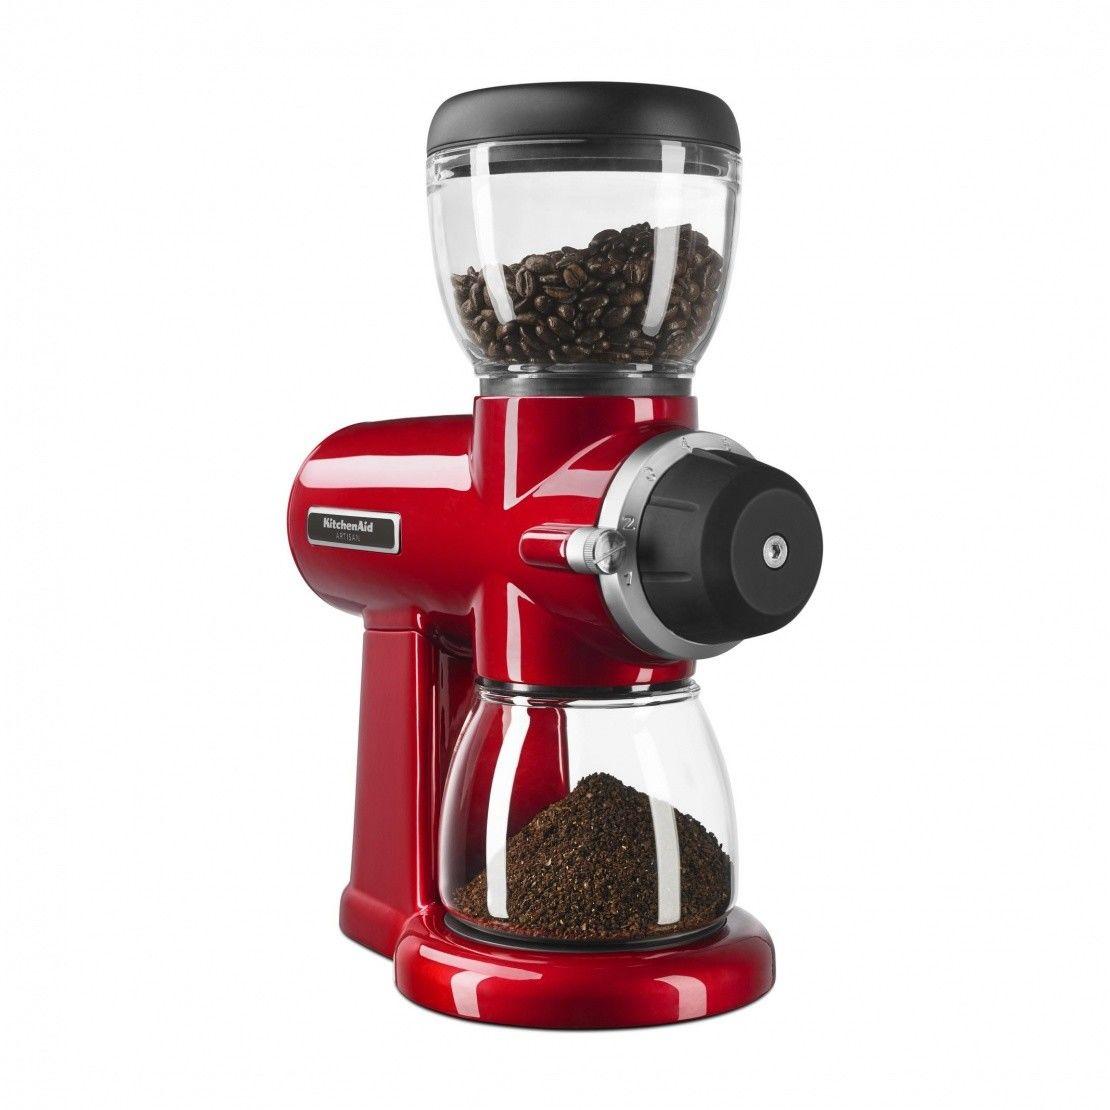 artisan 5kcg0702 broyer caf kitchenaid th caf ustensiles cuisine accessoires. Black Bedroom Furniture Sets. Home Design Ideas